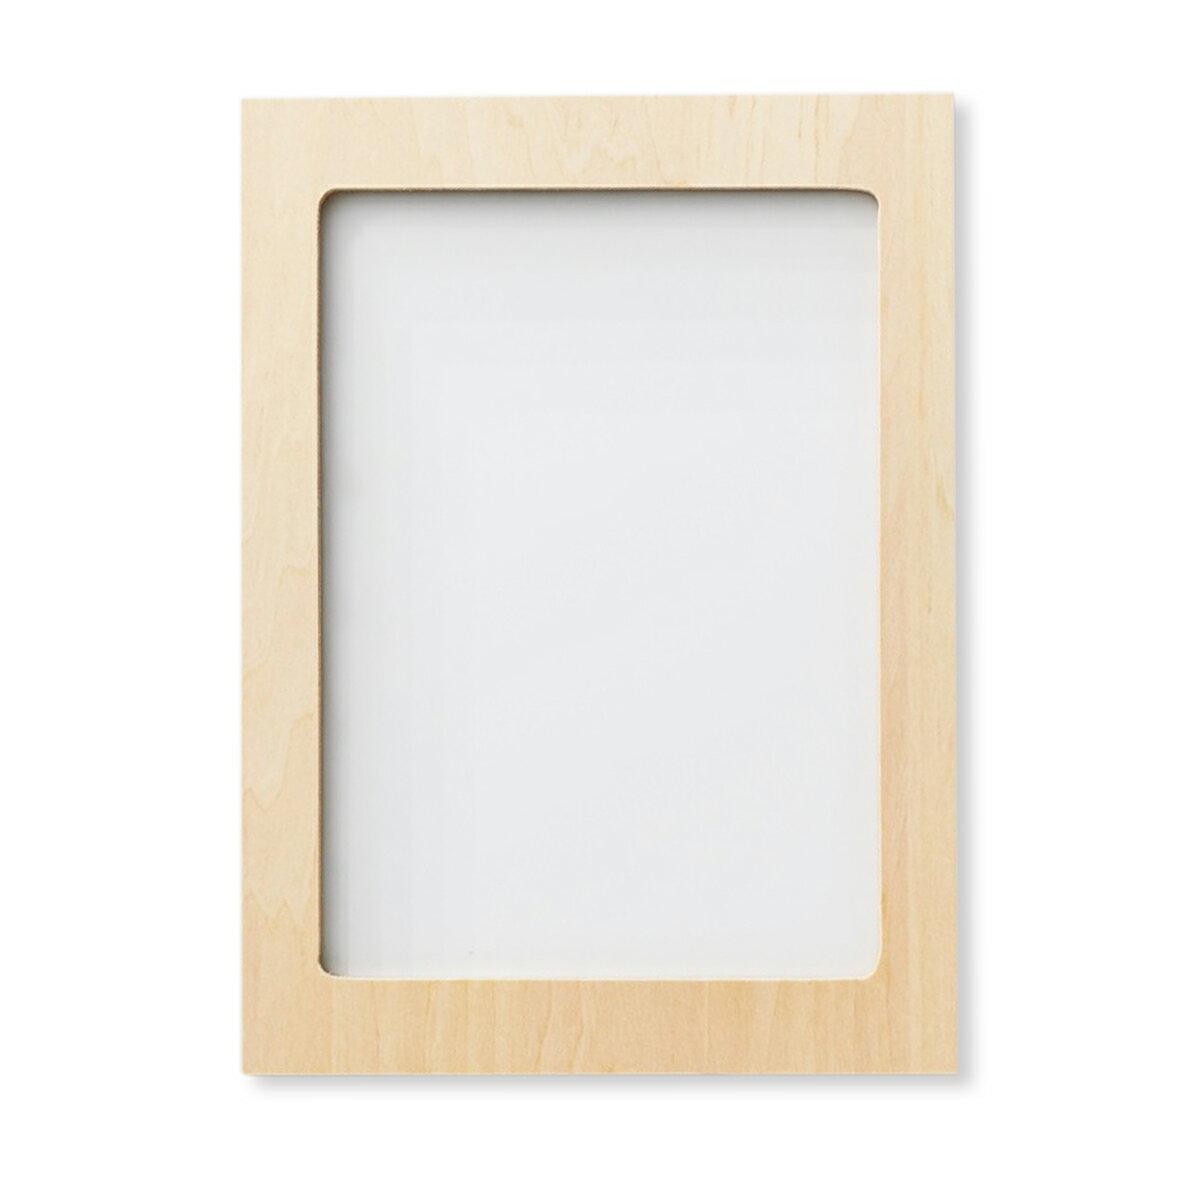 絹張り合板枠 100メッシュ はがき判 4mm厚 【 版画 シルクスクリーン カッティング法 】